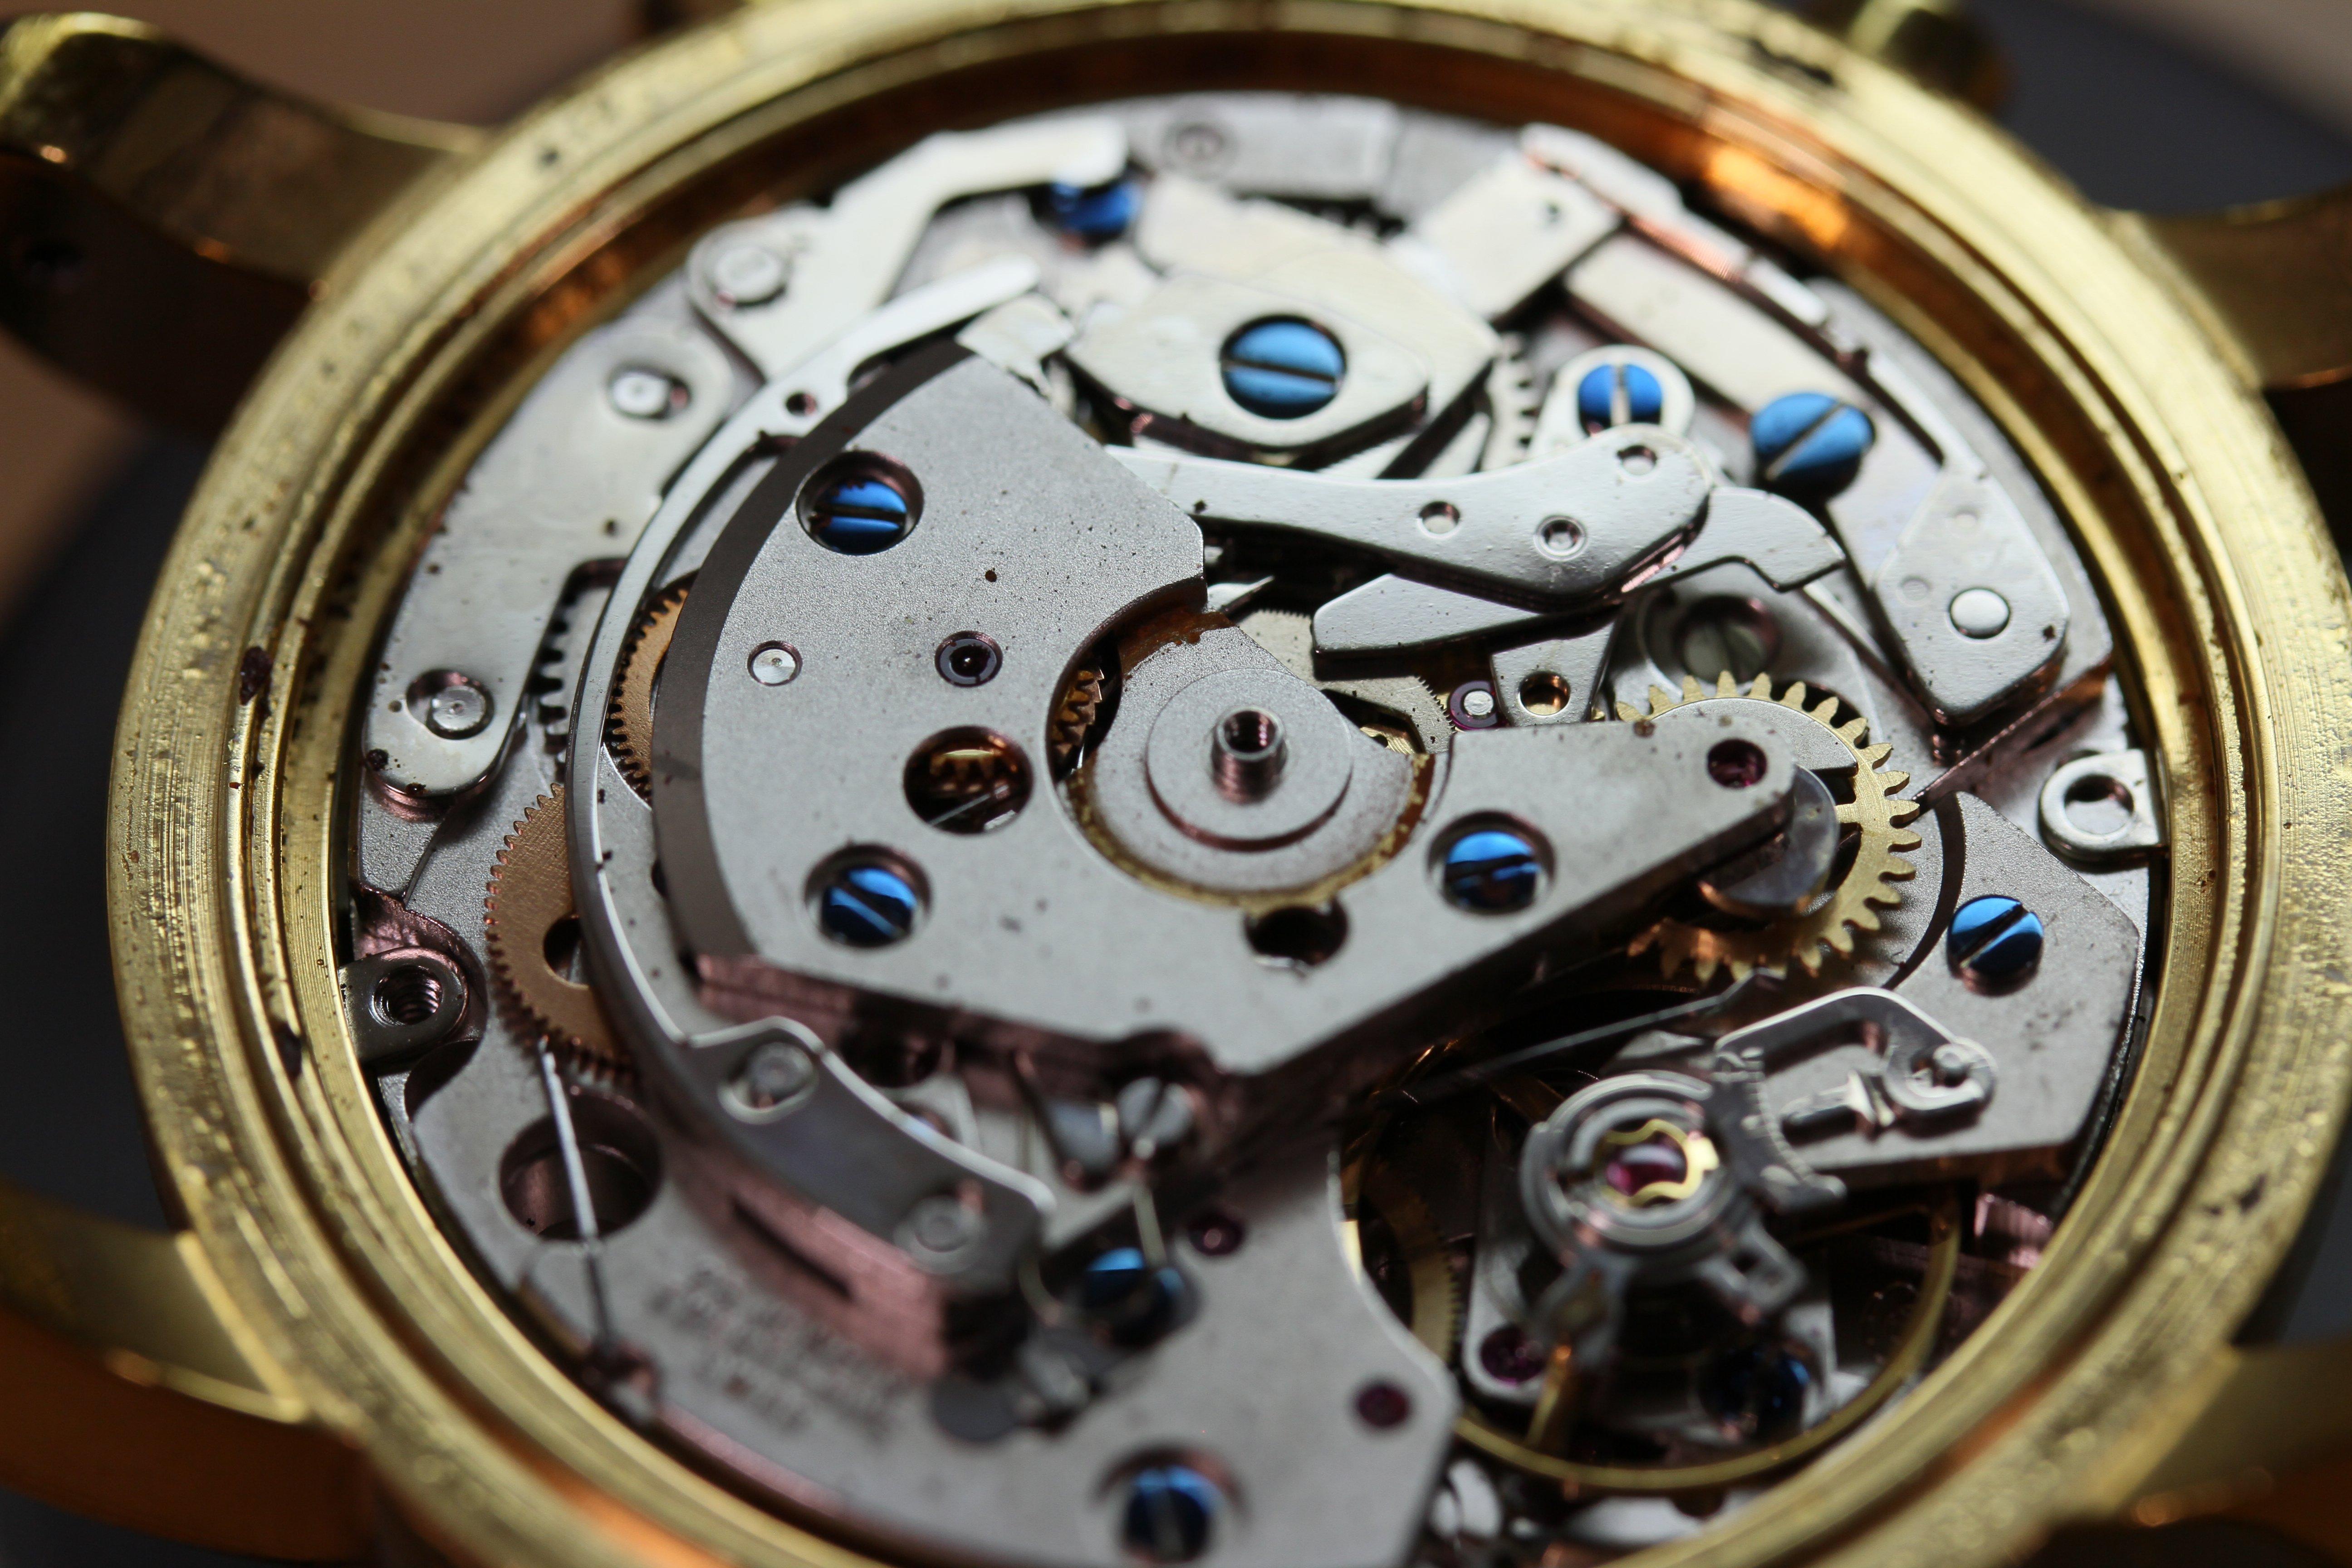 Mẫu đồng hồ Montblanc bị gỉ sét và rất nhiều bụi trong máy